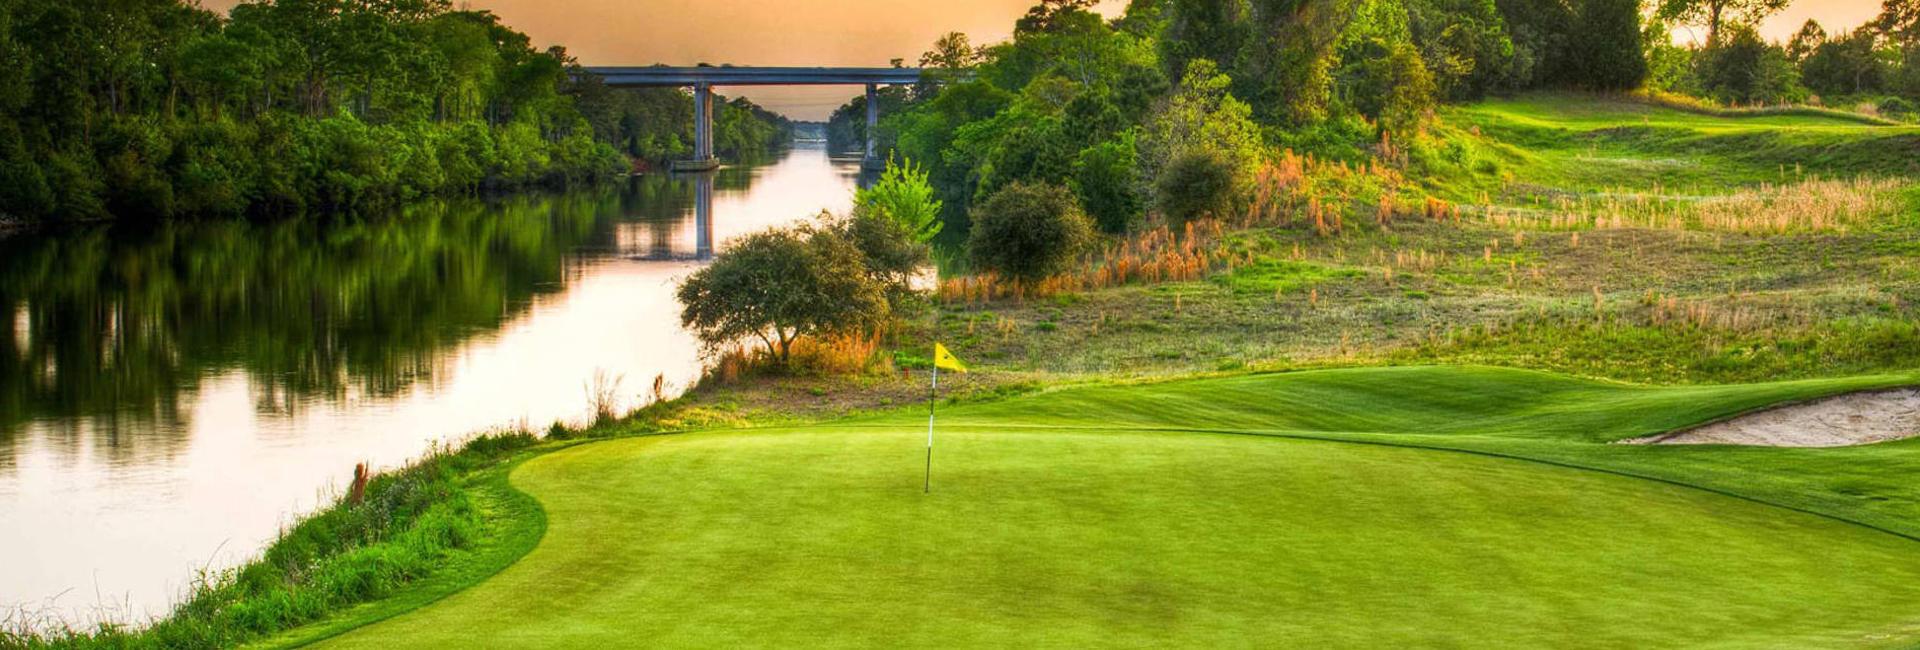 Barefoot Resort Golf Villas & Yacht Club $73 ($̶8̶5̶) North Myrtle ...